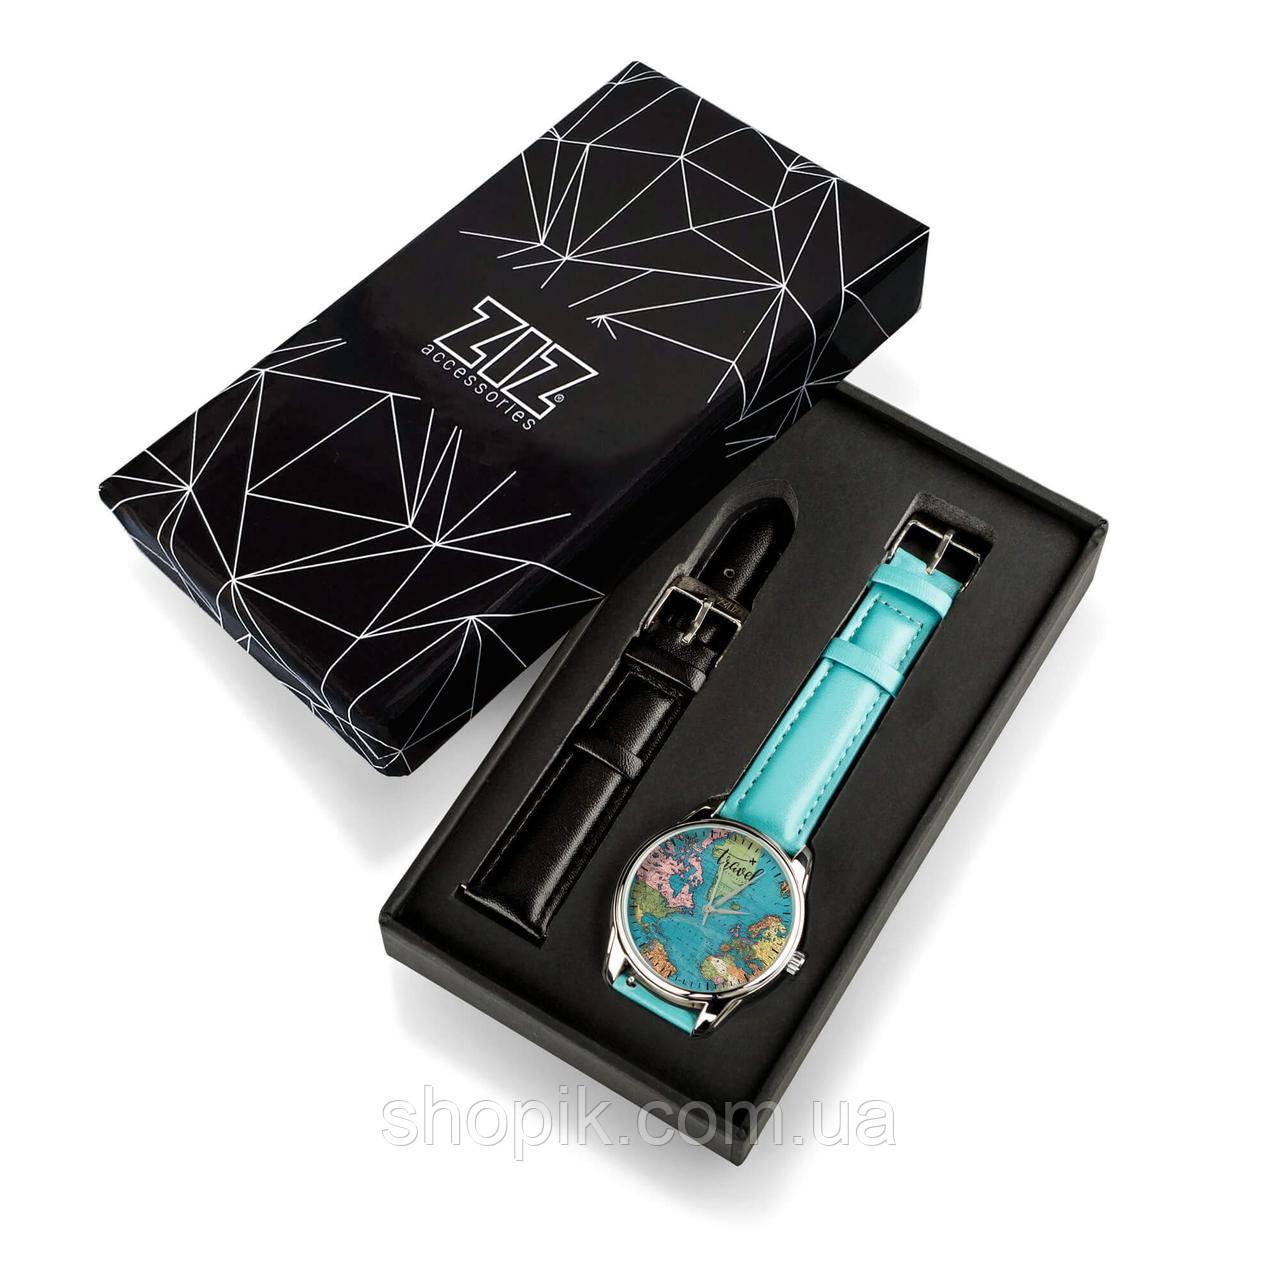 Часы ZIZ Карта путешествий (ремешок небесно - голубой, серебро) + дополнительный ремешок SHOPIK